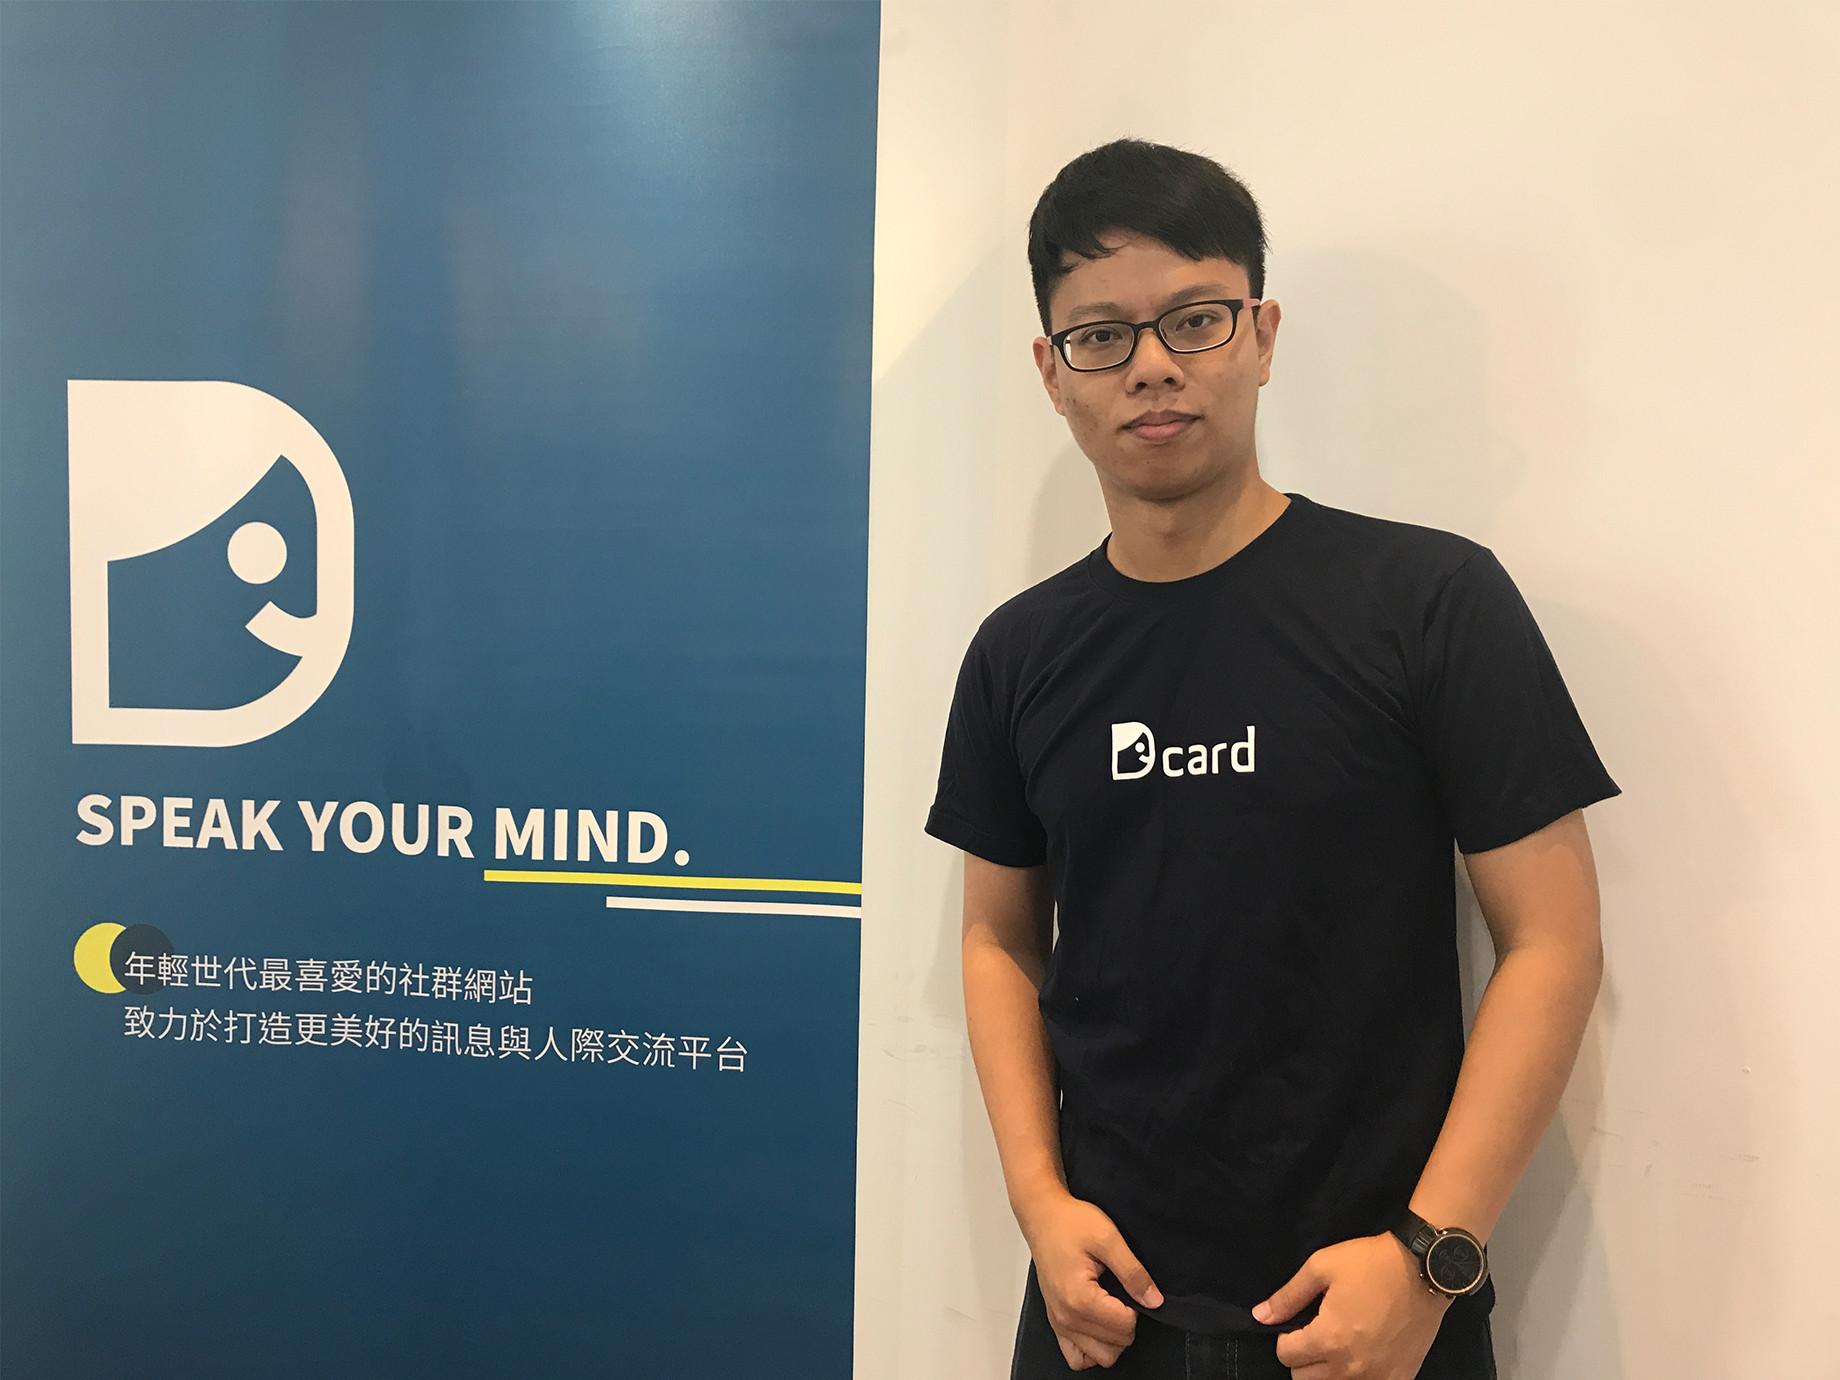 工作分享》鄭行健(Dcard Android技術經理):養成「獨立摸索」的能力,隨時更新網路新工具